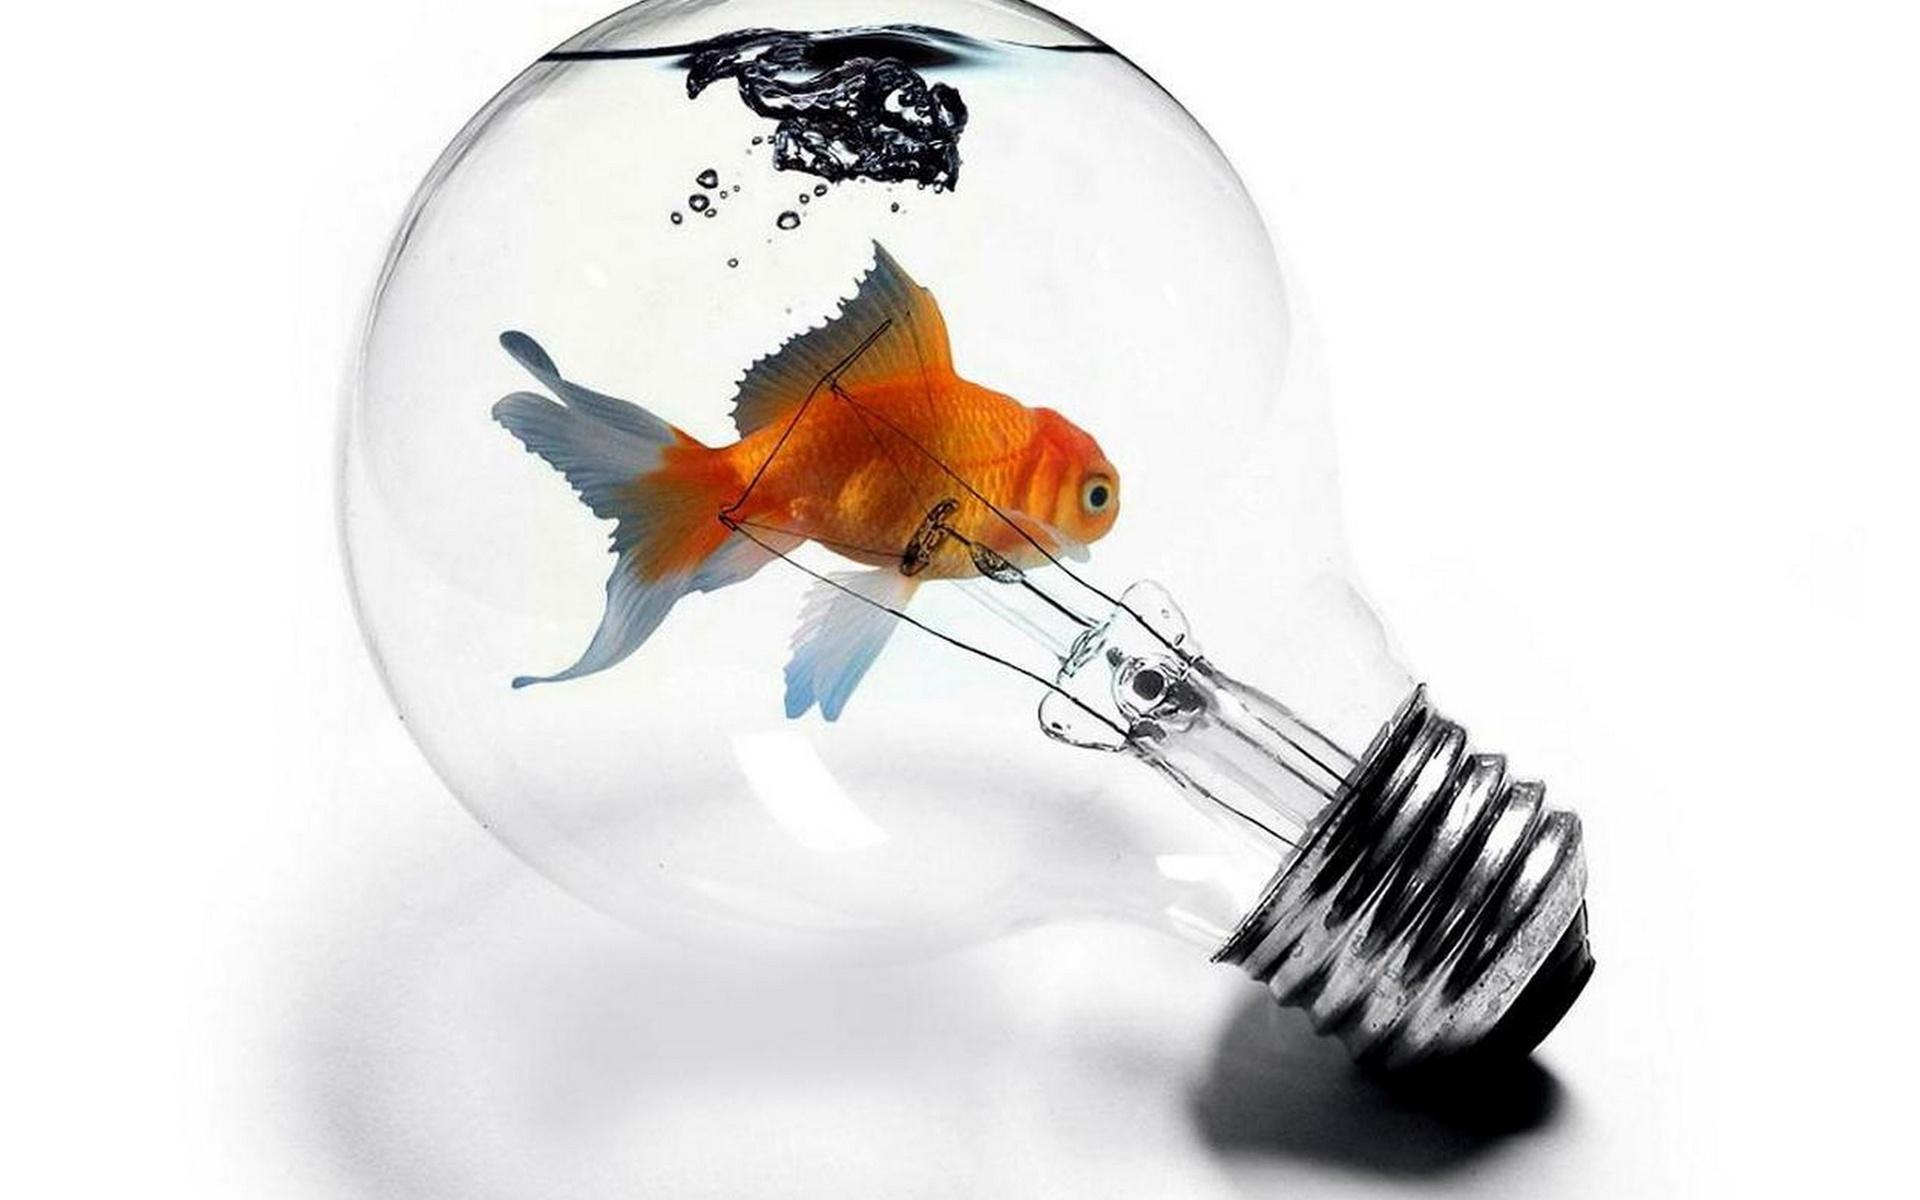 лампочка-аквариум, рыбка, 3d